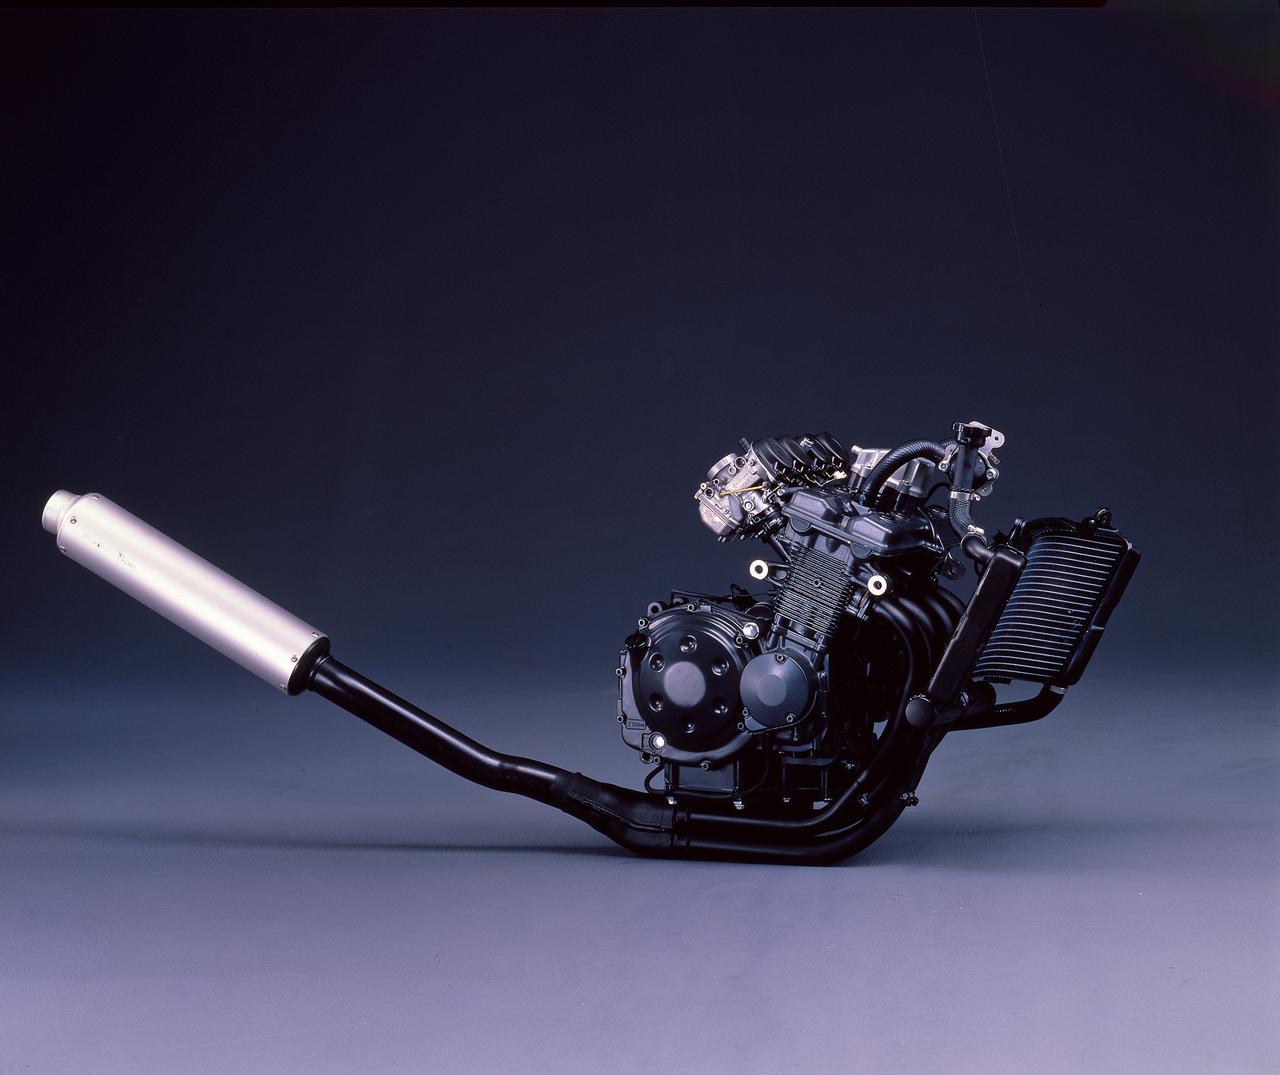 Images : 9番目の画像 - 「やっぱりサーキットが似合う過激なパフォーマンスのミニマムGSX-R『SUZUKI GSX-R250』(1987年)」のアルバム - webオートバイ